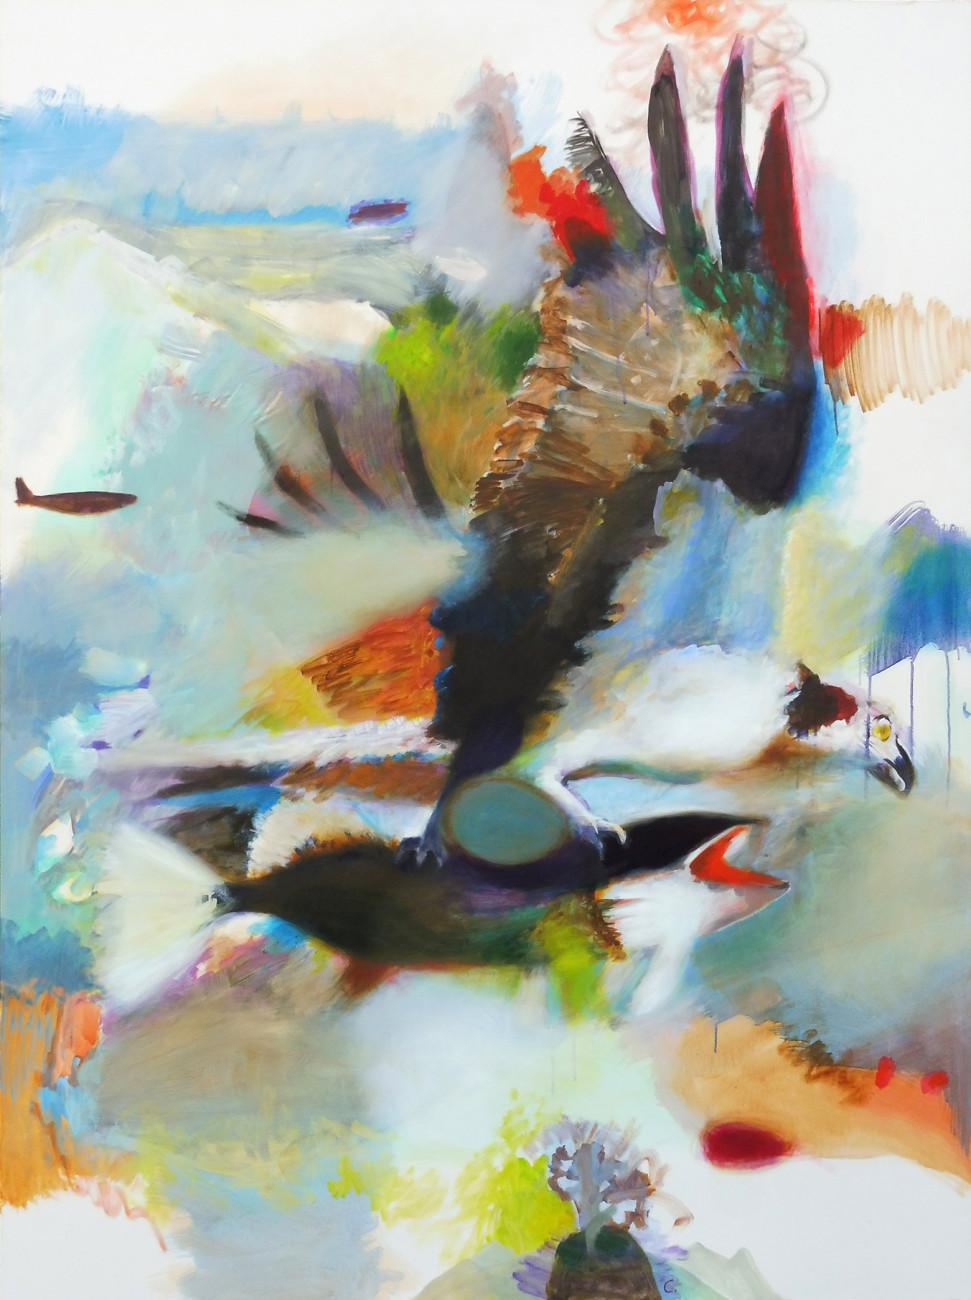 Christian Uhl  –  uhl-kunst, Vogelbild 5 – Albatrosse, Enten, Meise, Falke uhl-kunst